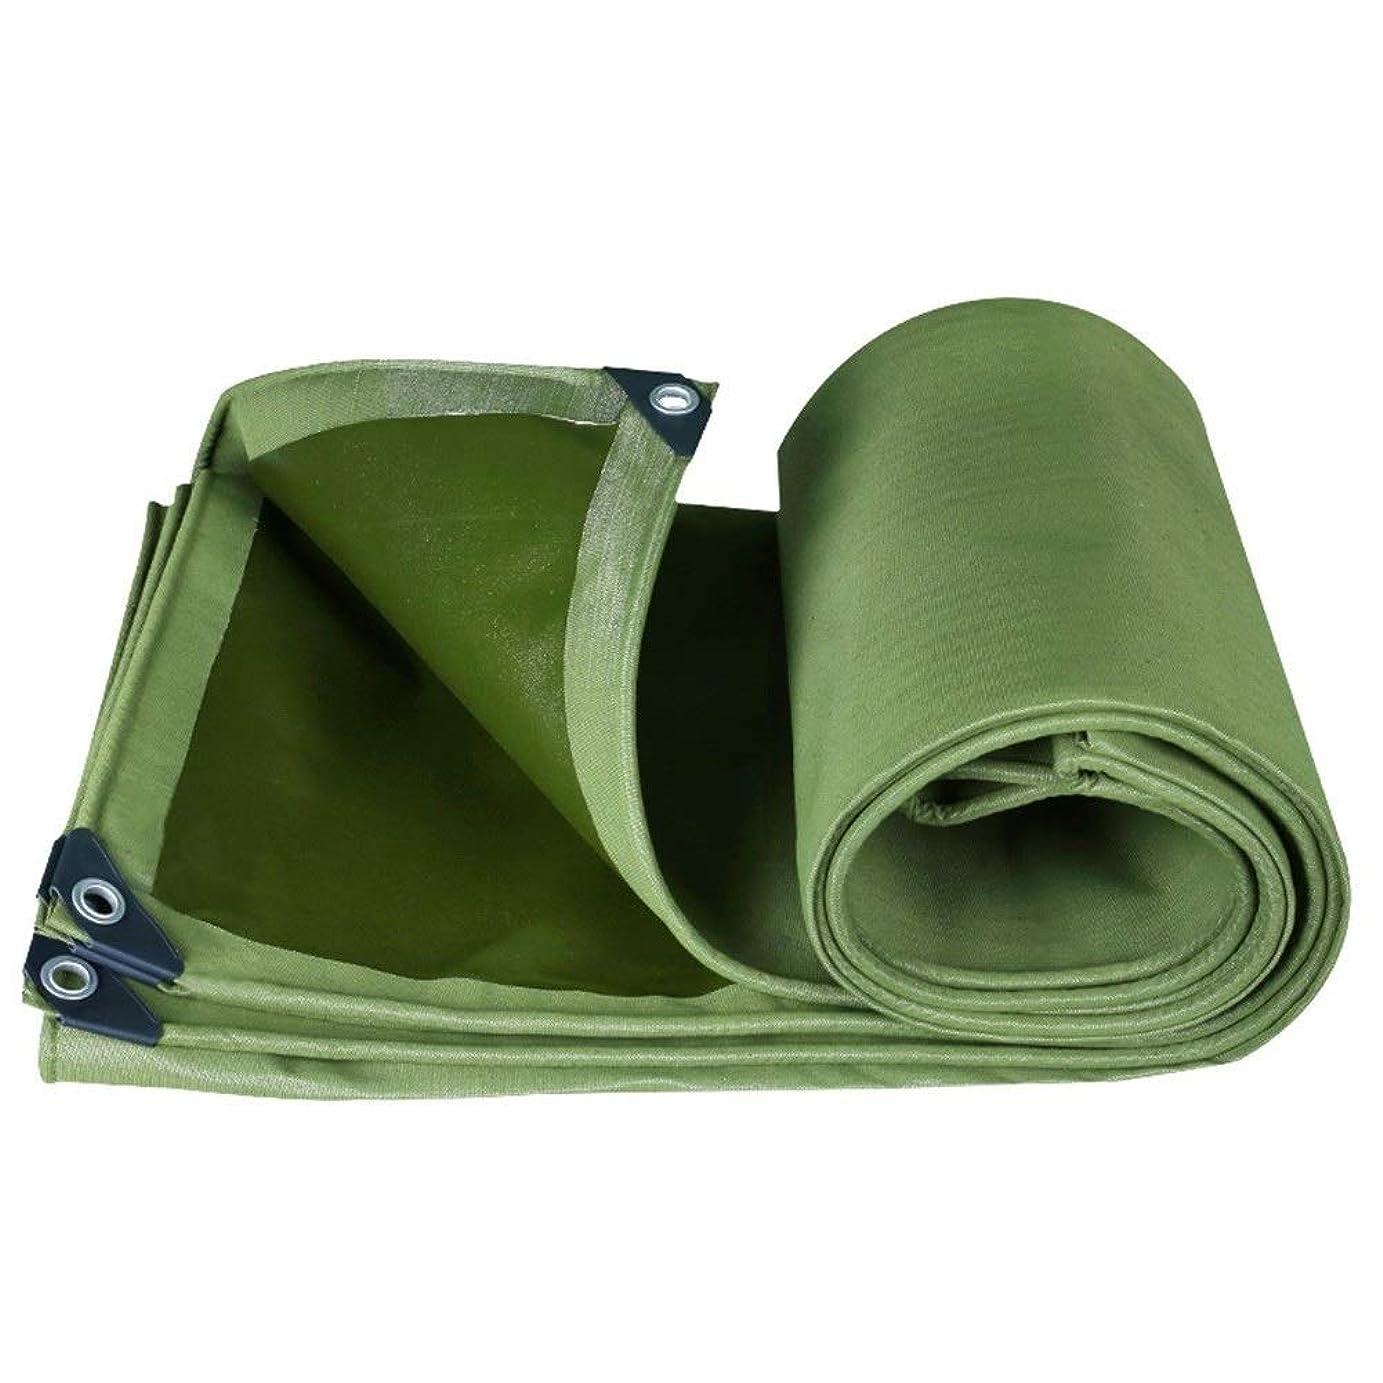 記憶超えて法的FQJYNLY ターポリンタープキャンバス シェーディング率98%防塵屋外の車のカバー、17サイズ (Color : Green, Size : 3x6m)